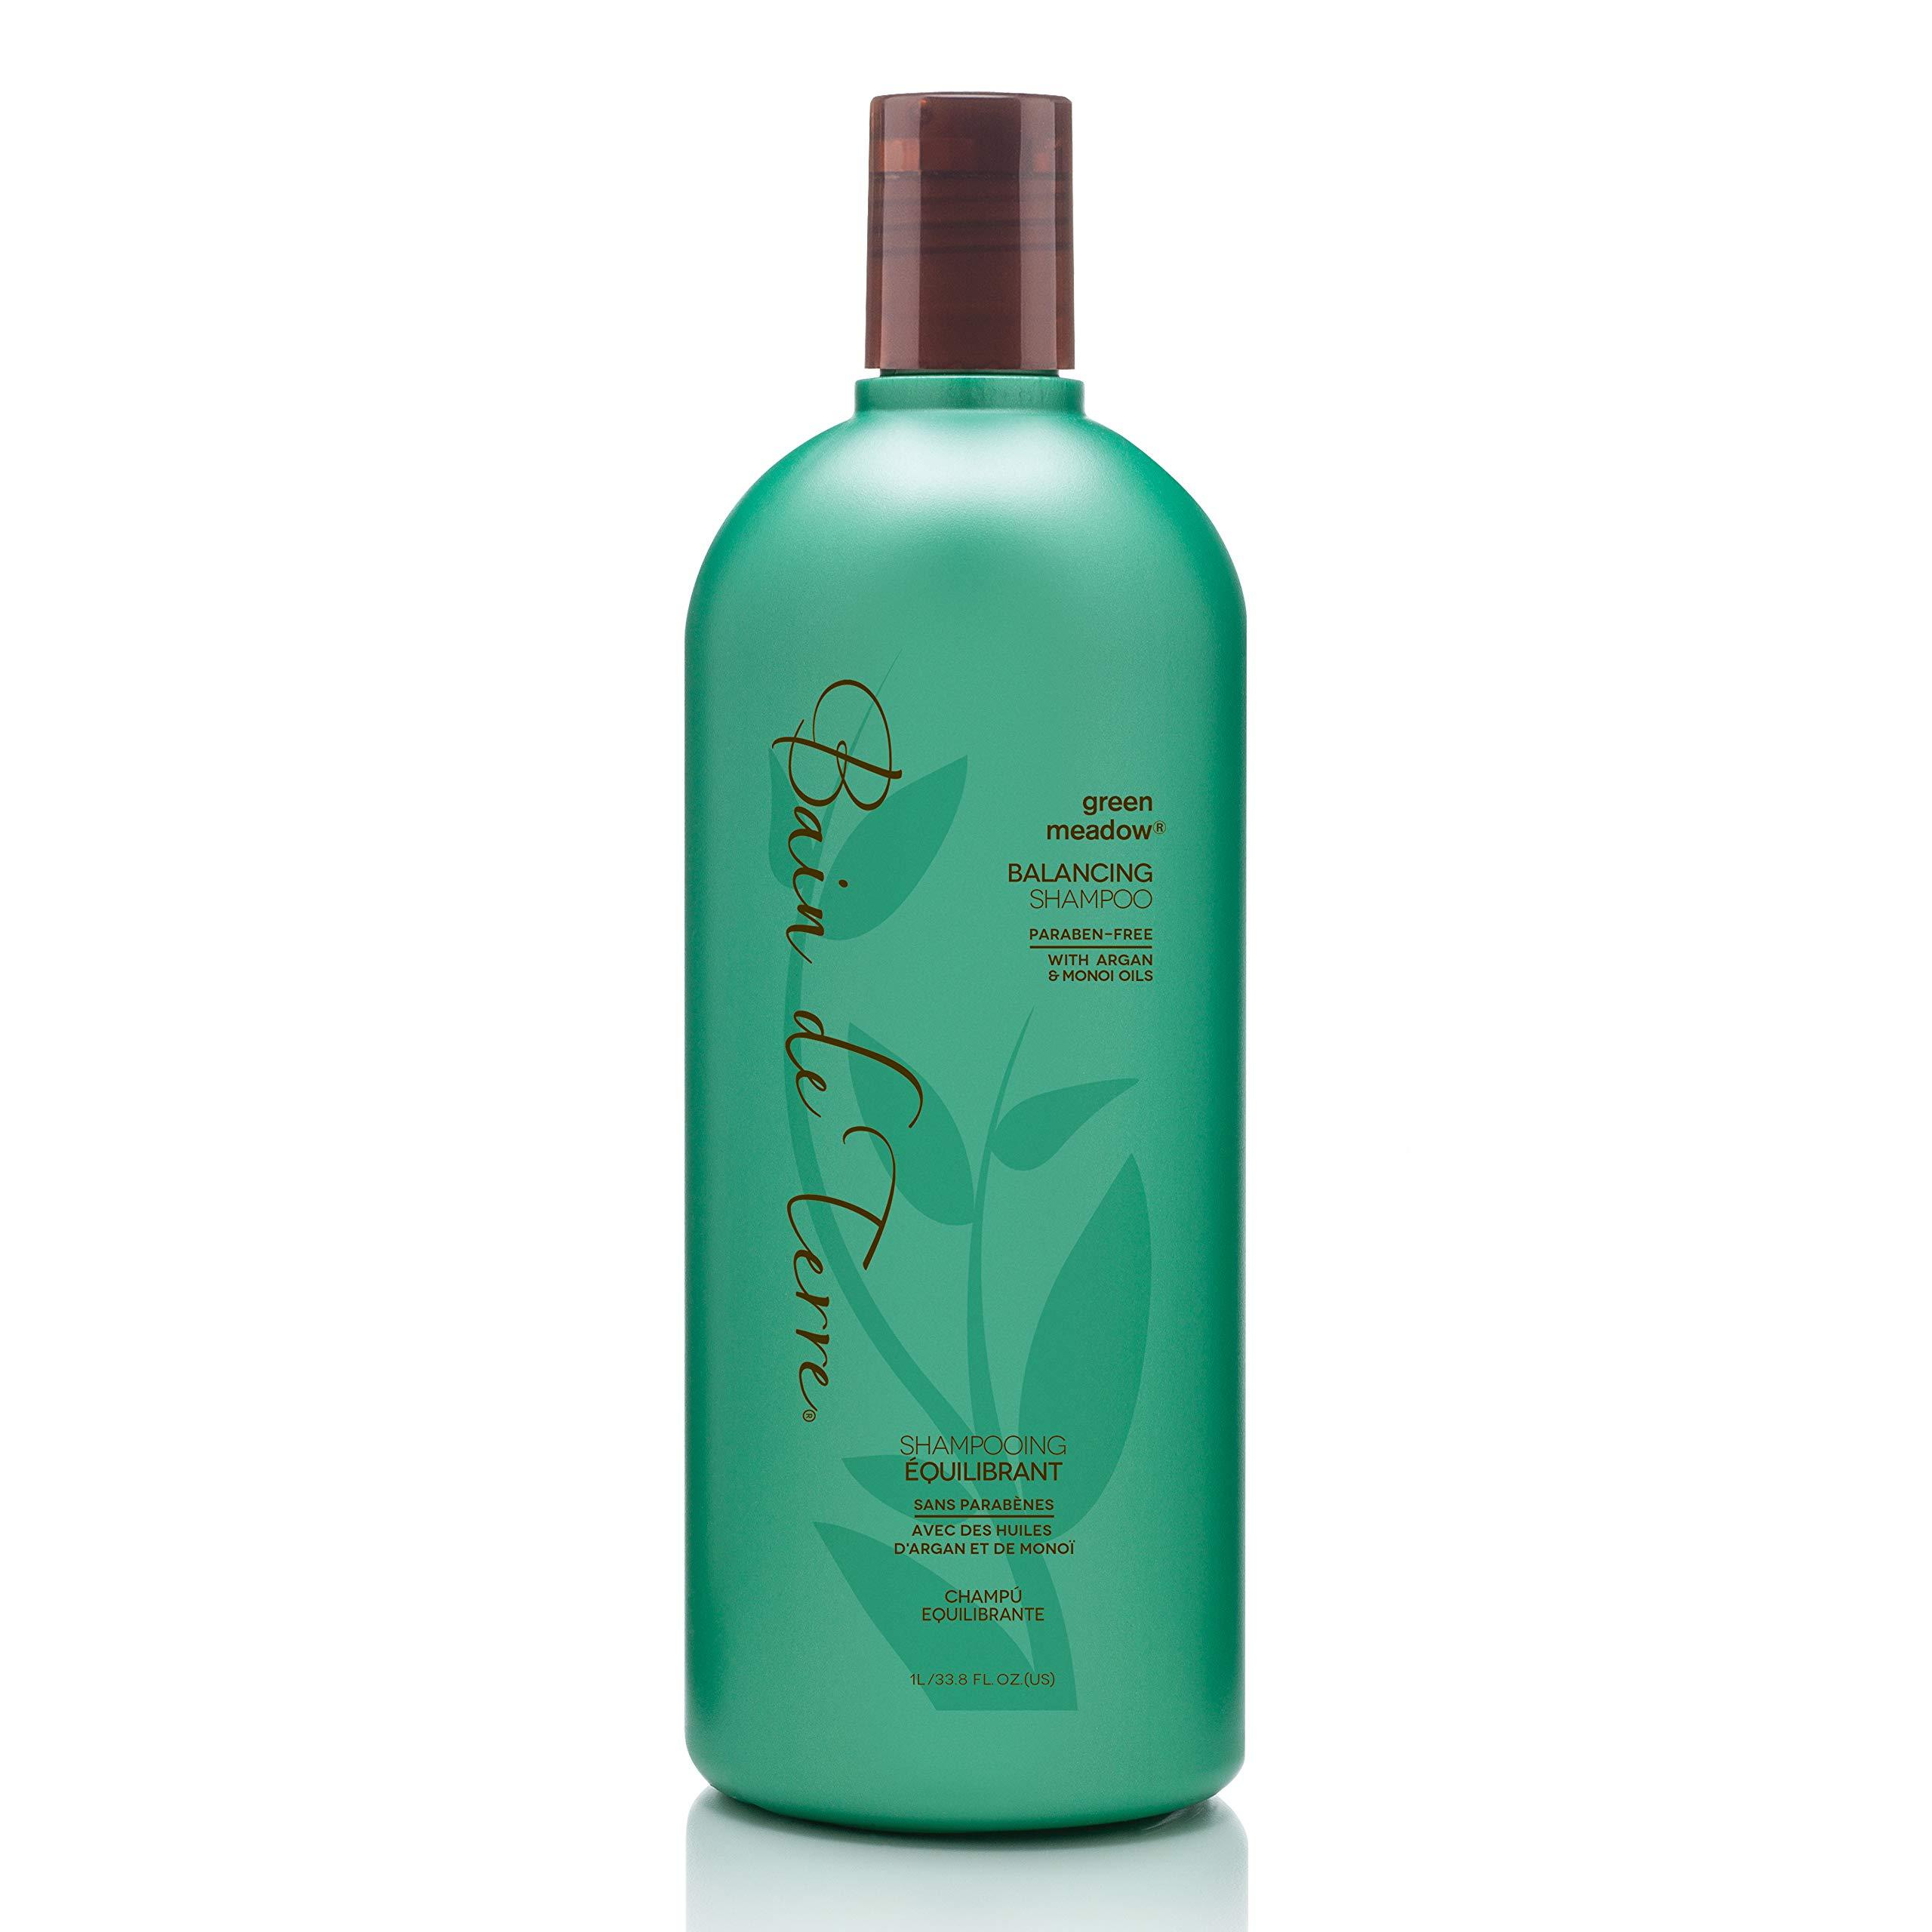 Bain de Terre Green Meadow Balancing Shampoo, with Argan and Monoi Oil, Paraben-Free, 33.8-Ounce